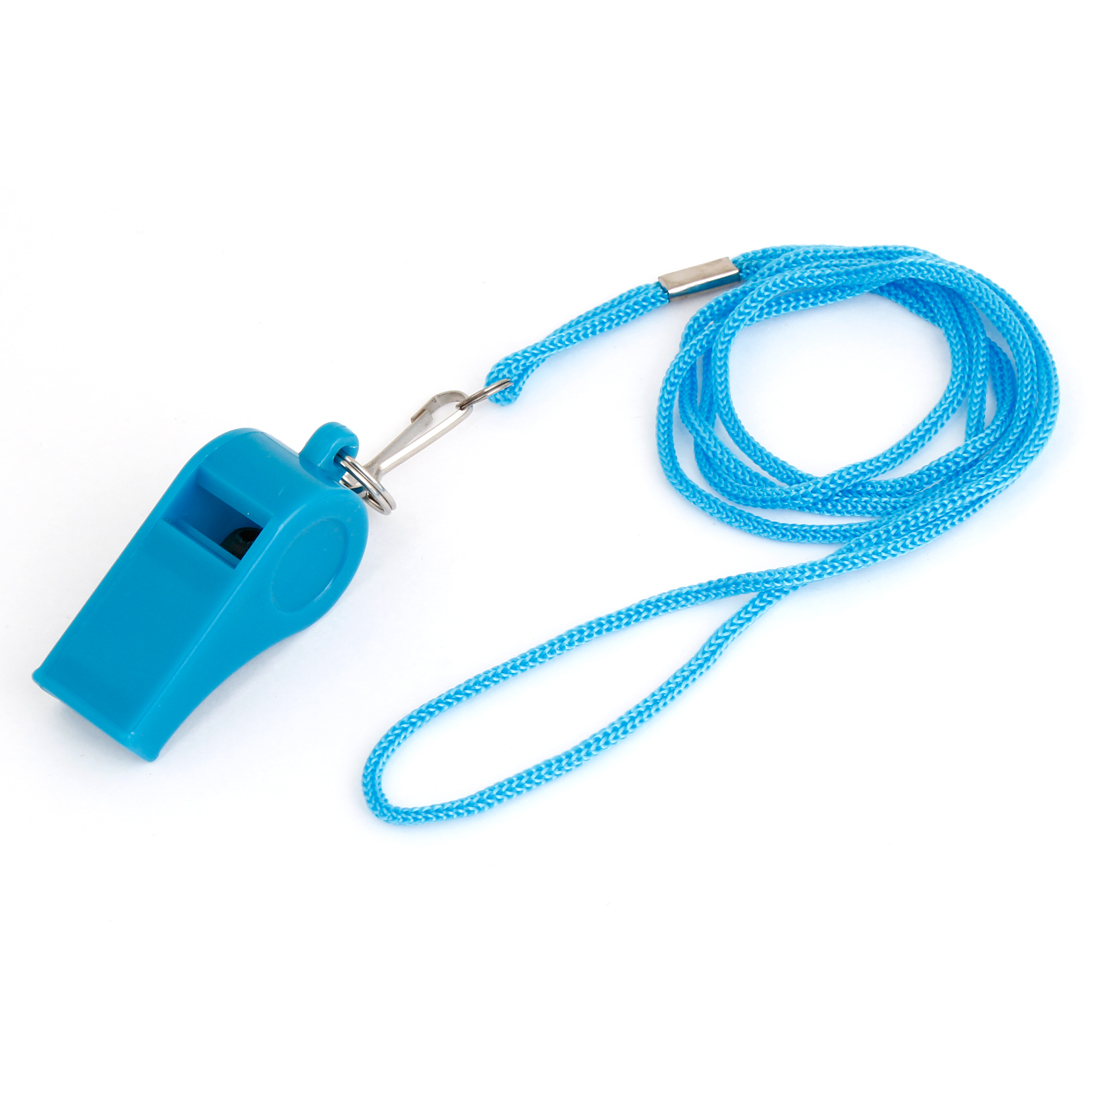 UXCELL Jogo Azul Longo Cordão Esportes Árbitro Apito de Plástico Brinquedo  em Apito de Sports   Entretenimento no AliExpress.com  bb619aa8e3688